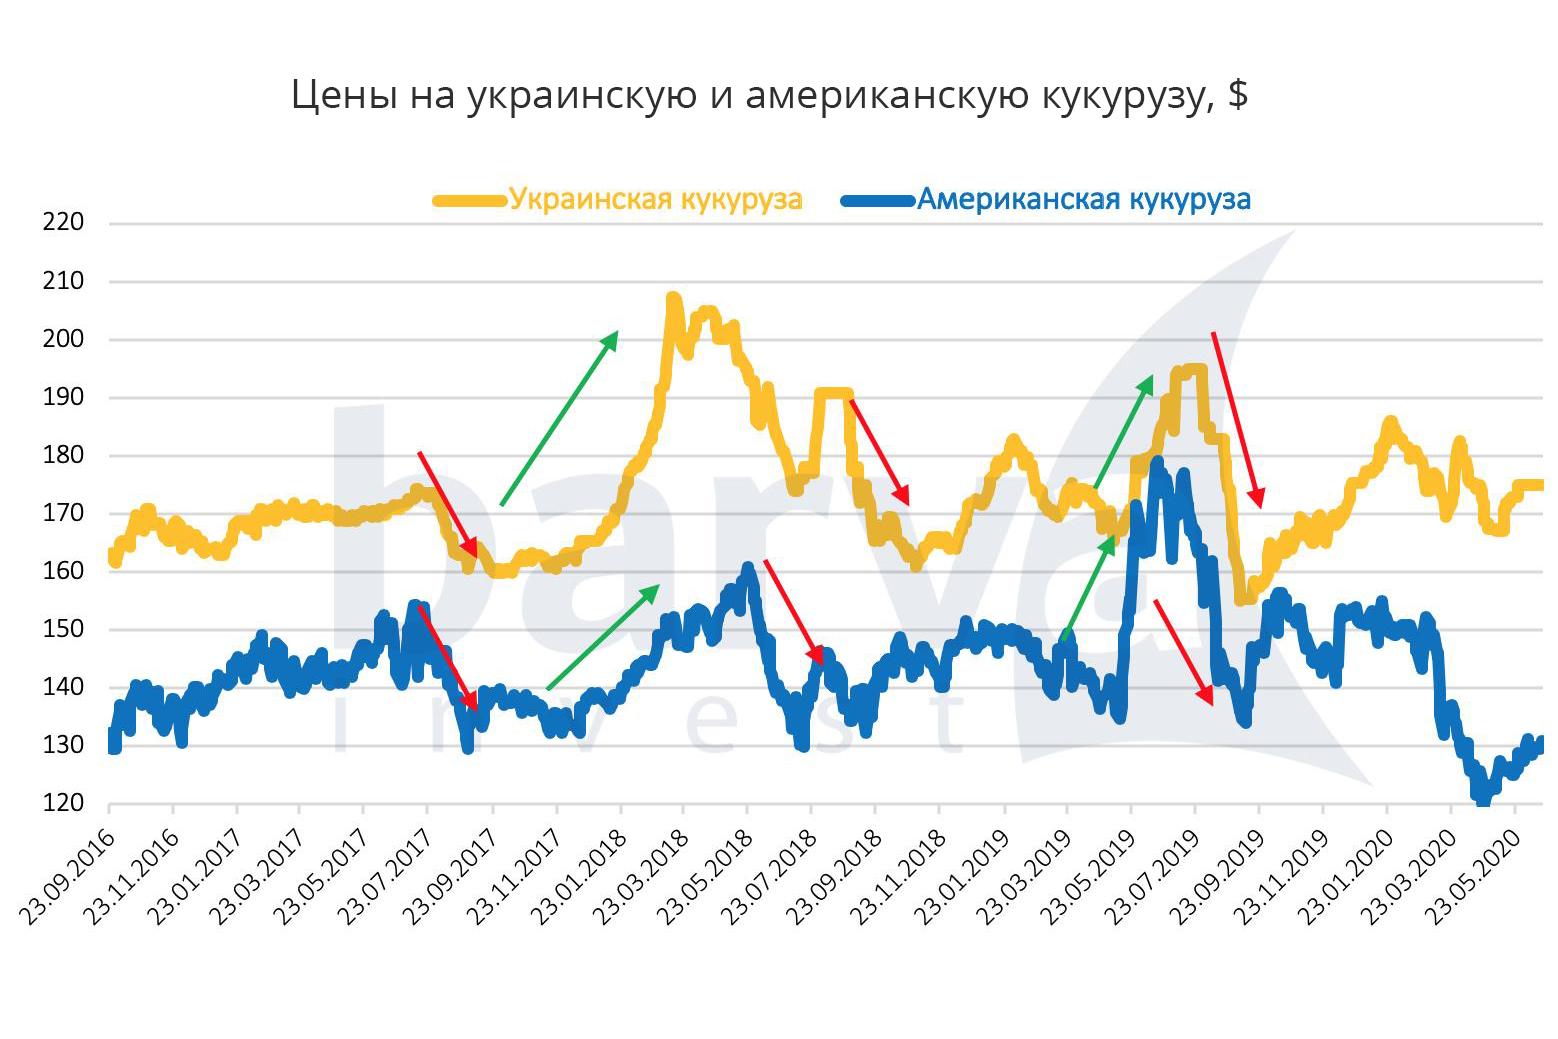 Цены на украинскую и американскую кукурузу